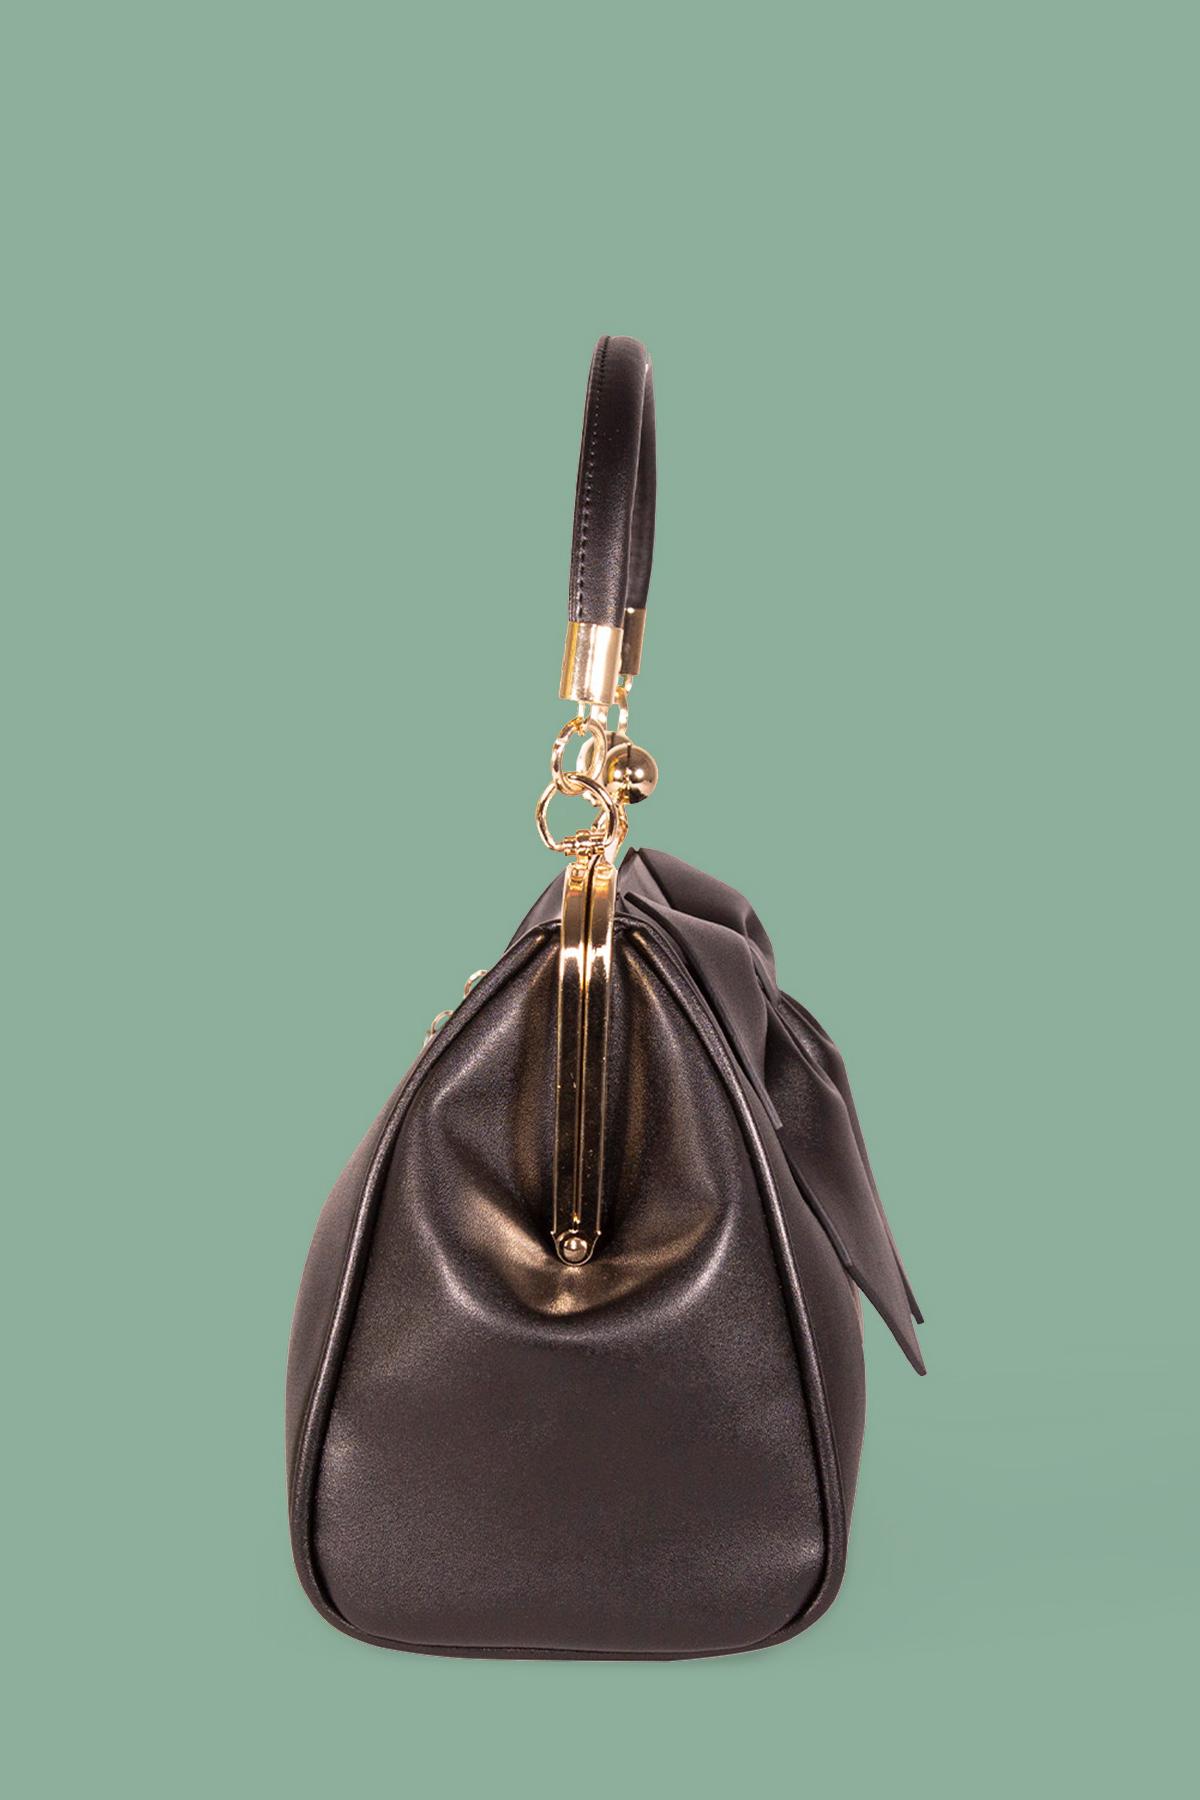 Ρετρό τσάντα με φιόγκο από συνθετικό δέρμα, με αποσπώμενο μακρύ λουράκι για τον ώμο, θα γίνει η αγαπημένη σας τσάντα για τη σεζόν!